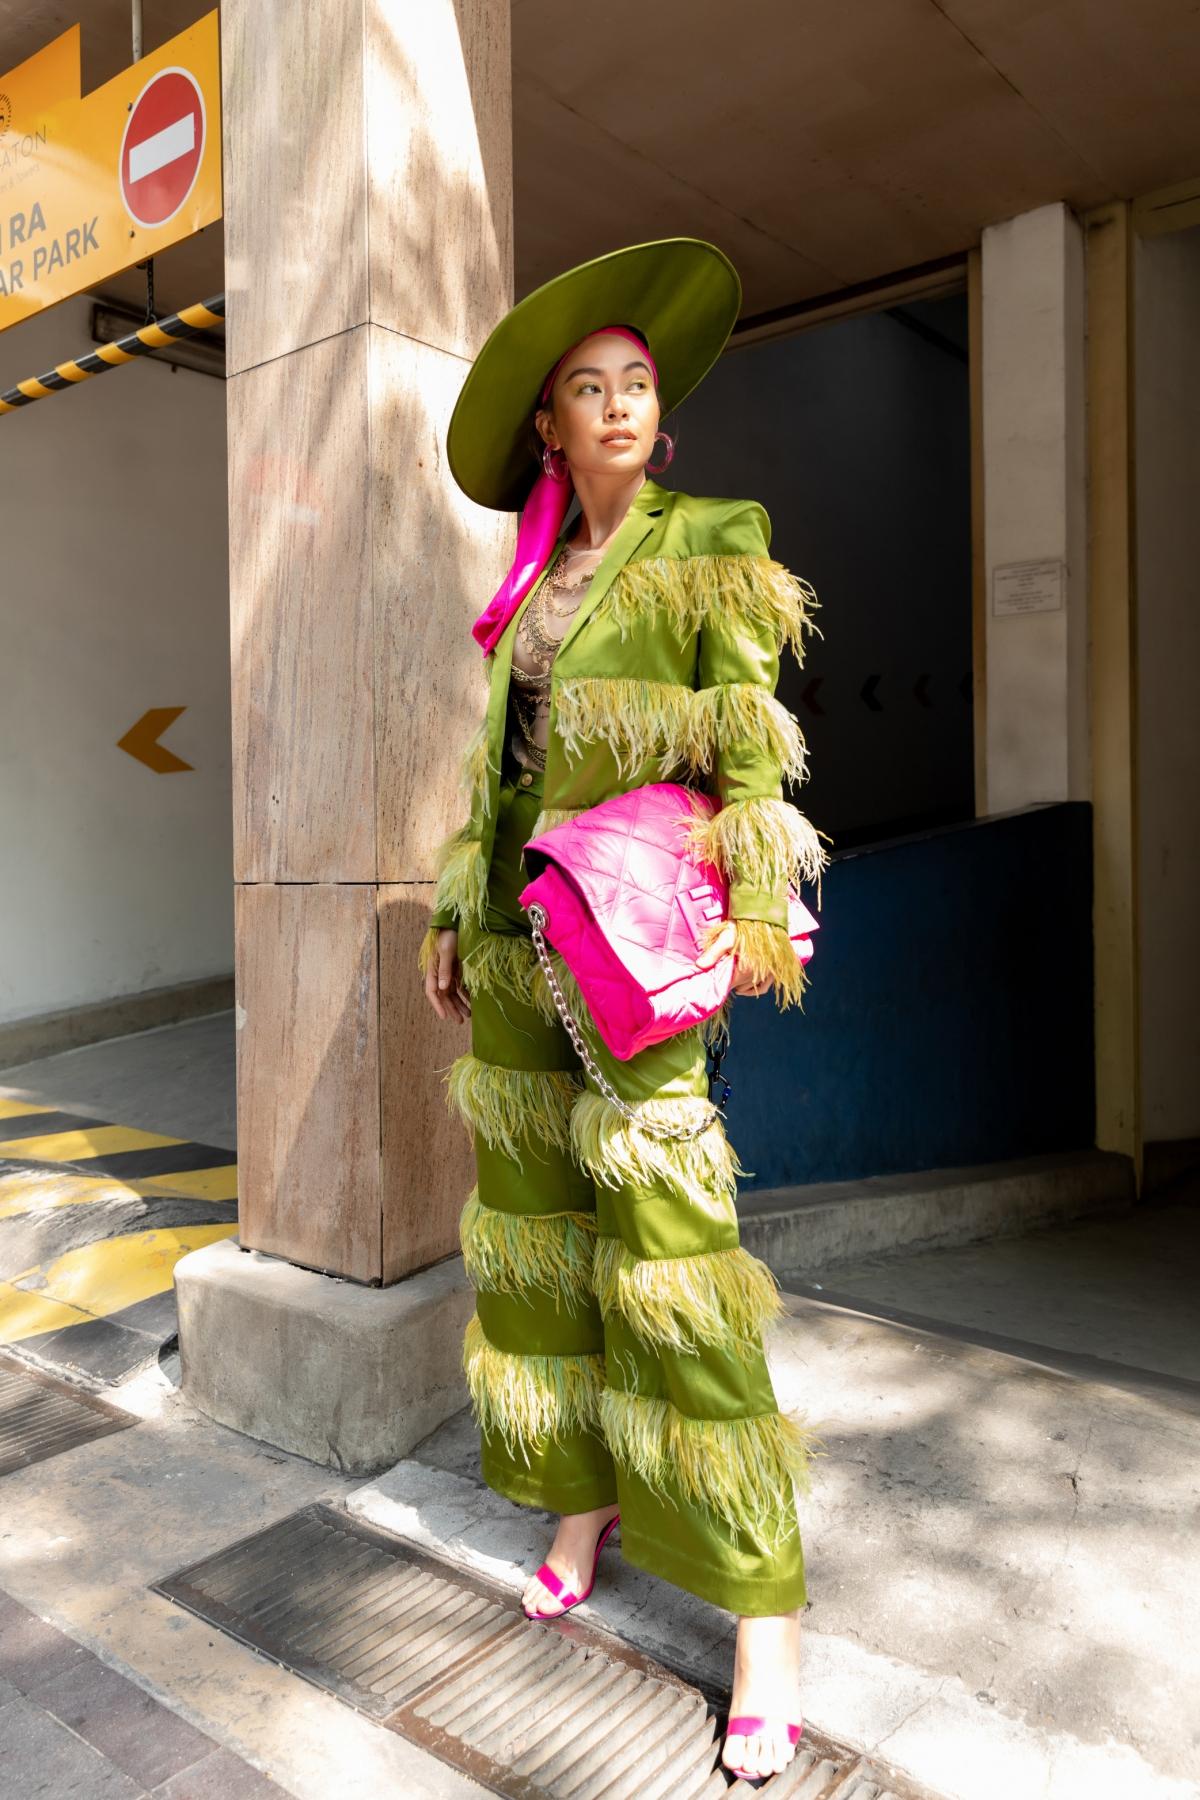 Độc lạ và mới lạ với bộ suit cách tân độc đáo, Á hậu Mâu Thủy sang chảnh với tông xanh sặc sỡ kết hợp với chiếc mũ rộng vành, toát lên đẳng cấp của một trong những chân dài đình đám nhất nhì showbiz Việt.